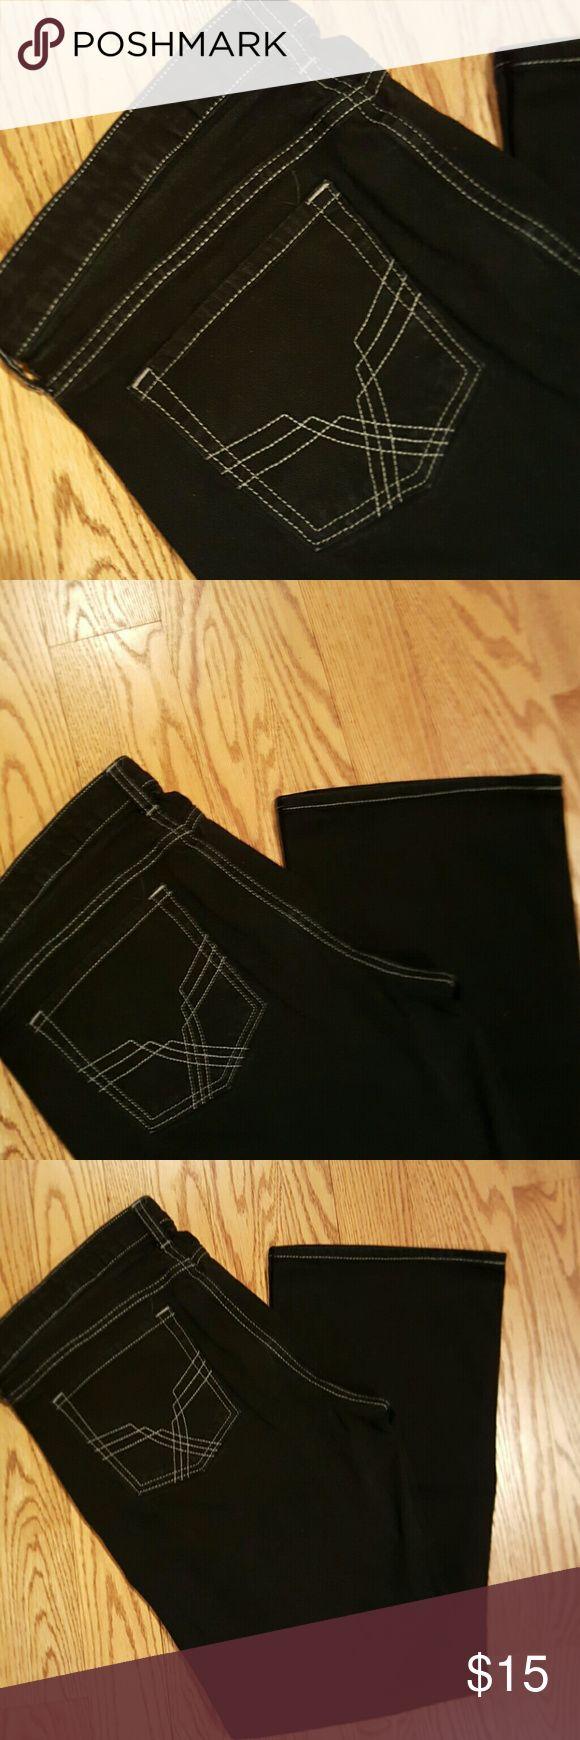 Gap Outlet Black Bootcut Jeans Black GAP Outlet Jeans Boot Cut